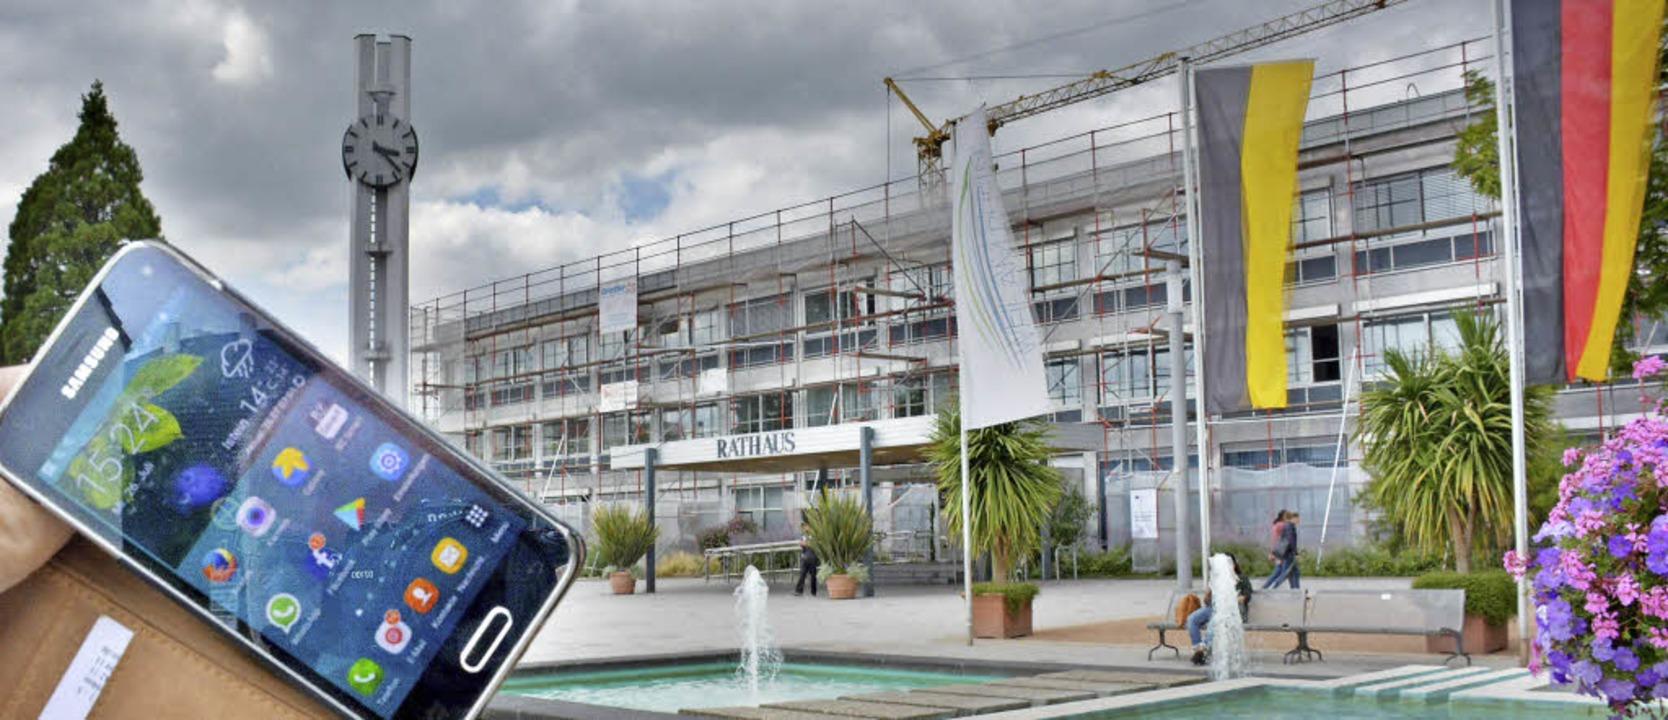 Kein Internetzugang mit dem Smartphone...h in städtischen Gebäuden nun ändern.   | Foto: Lauber